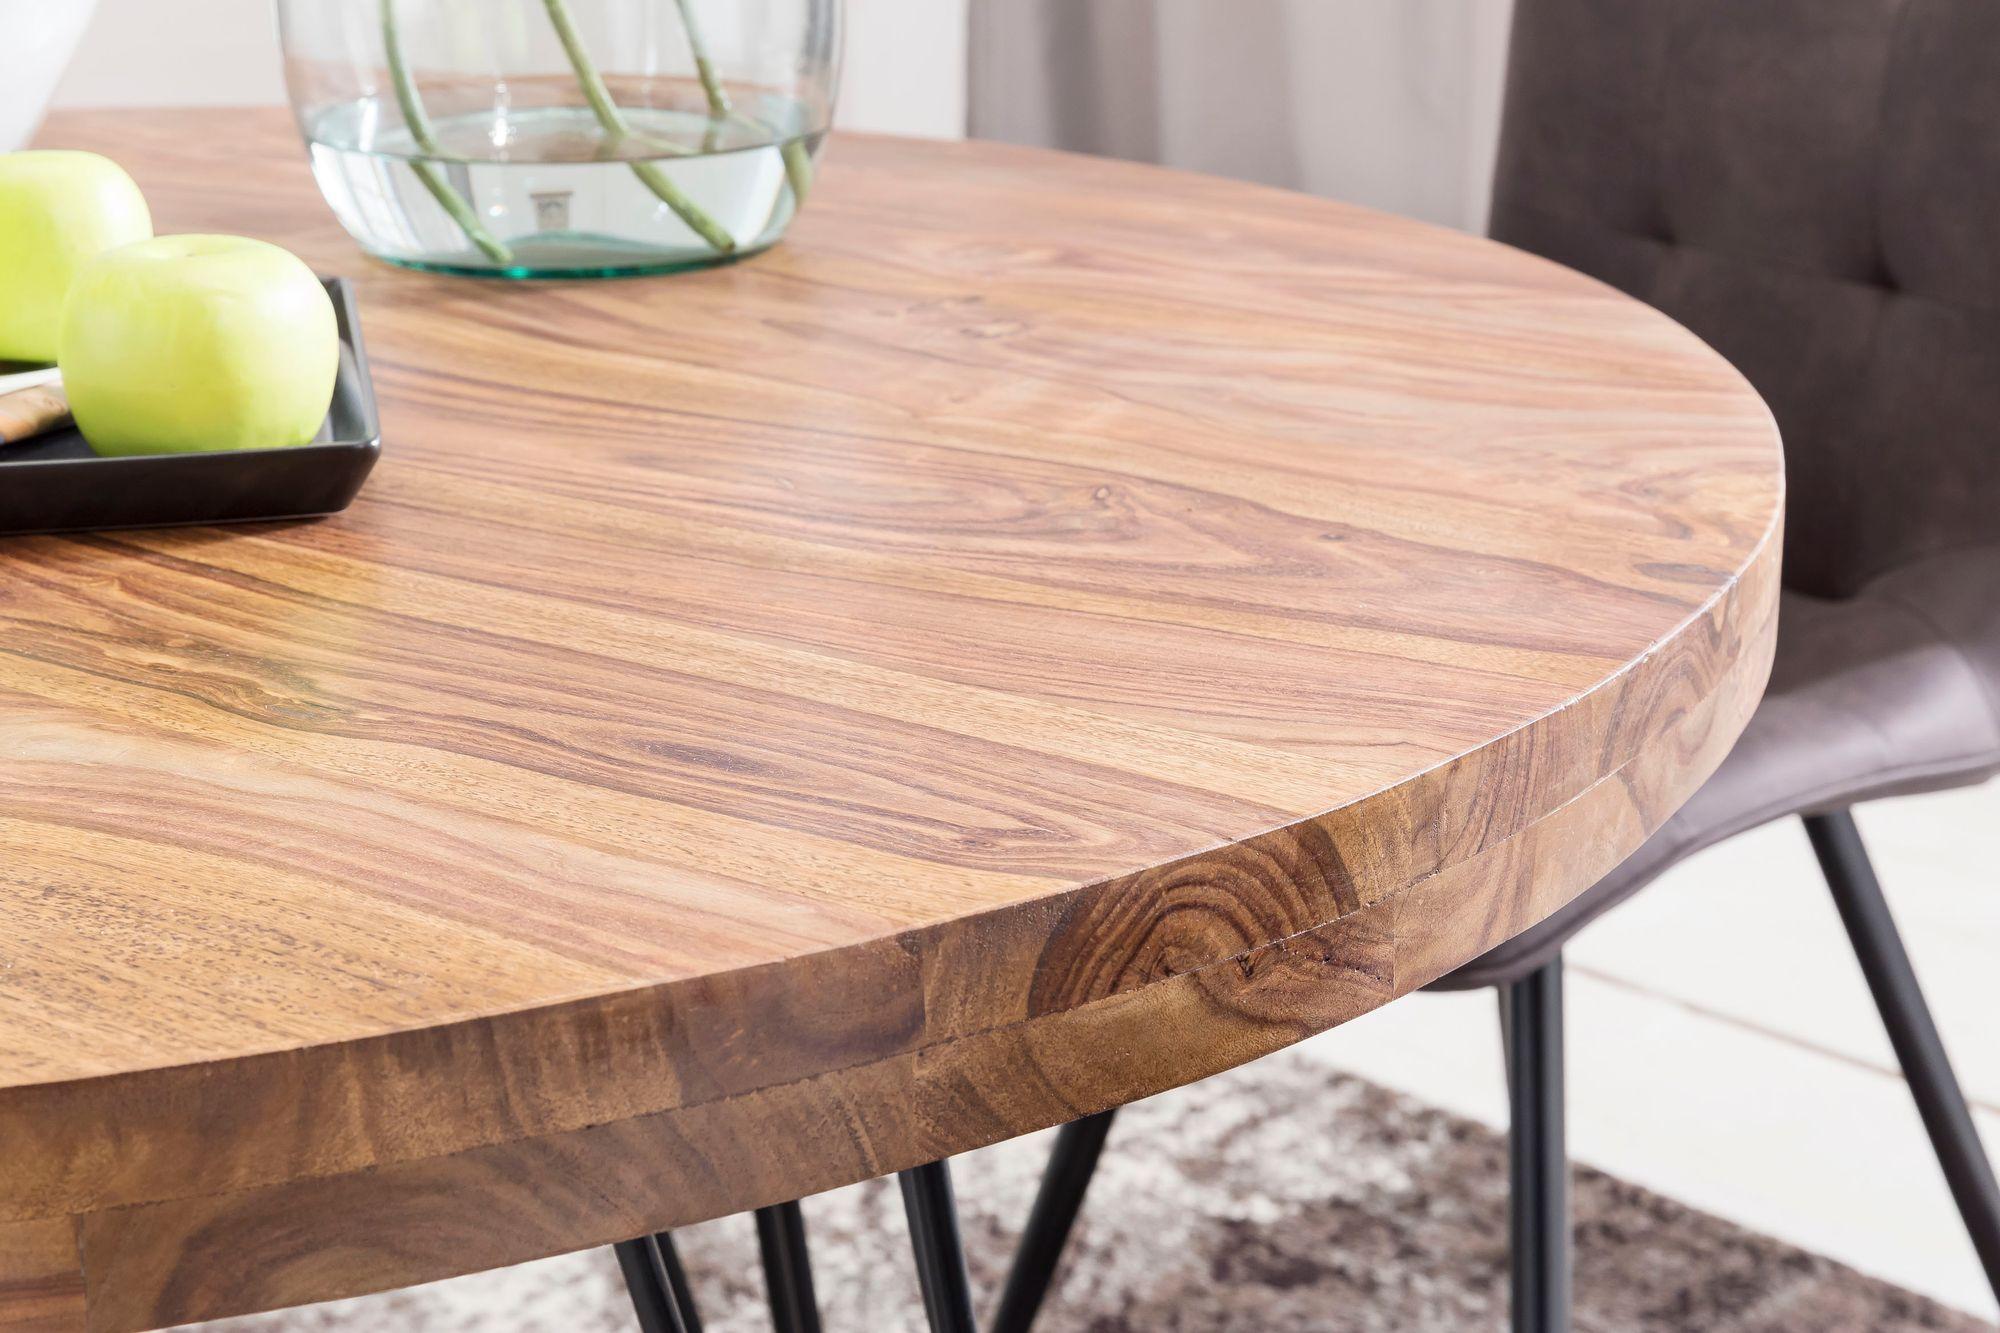 FineBuy Design Esszimmertisch BATI rund Ø 31 x 31 cm Sheesham Massiv-Holz   Landhaus Esstisch braun  Tisch für Esszimmer Küchentisch 31 Personen